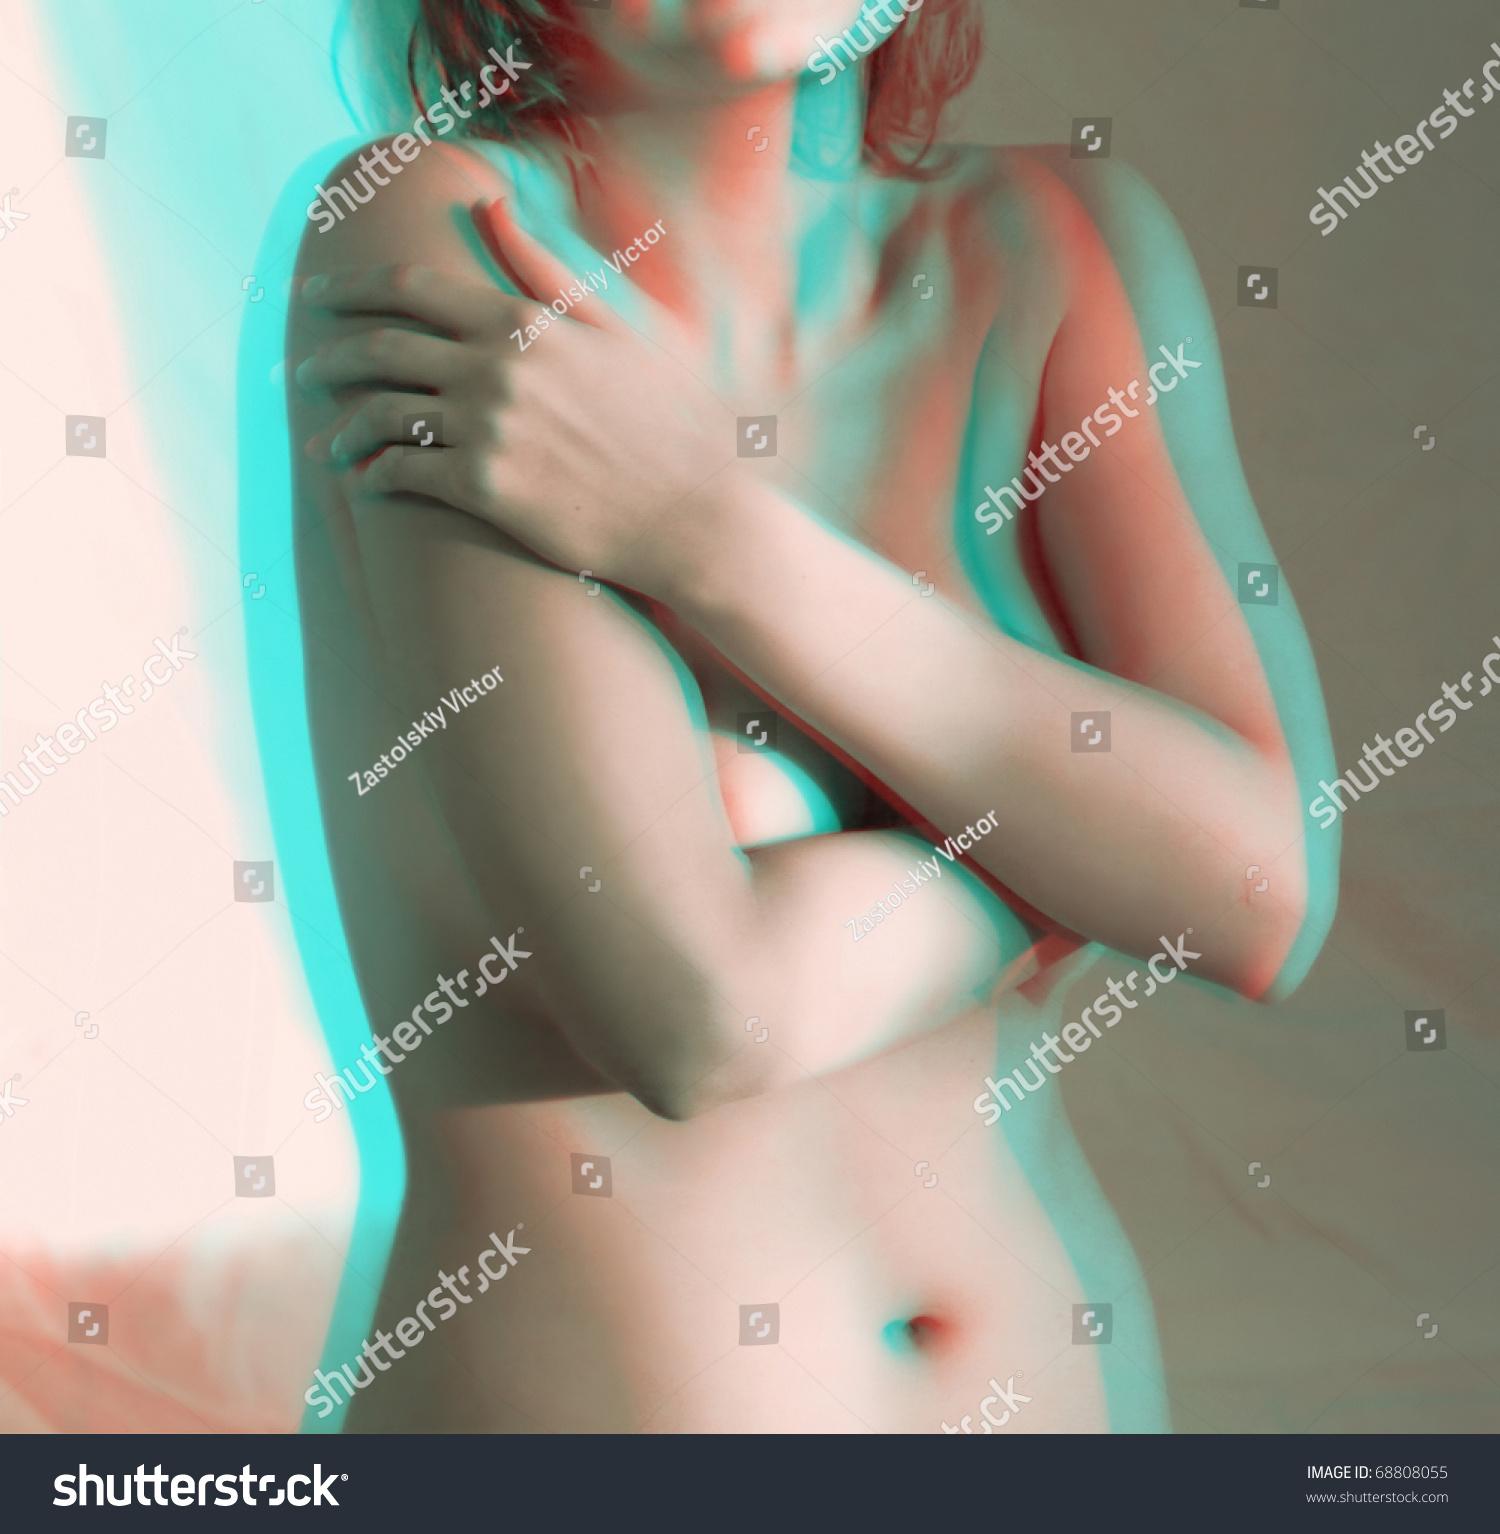 Nude stereoscopic porn